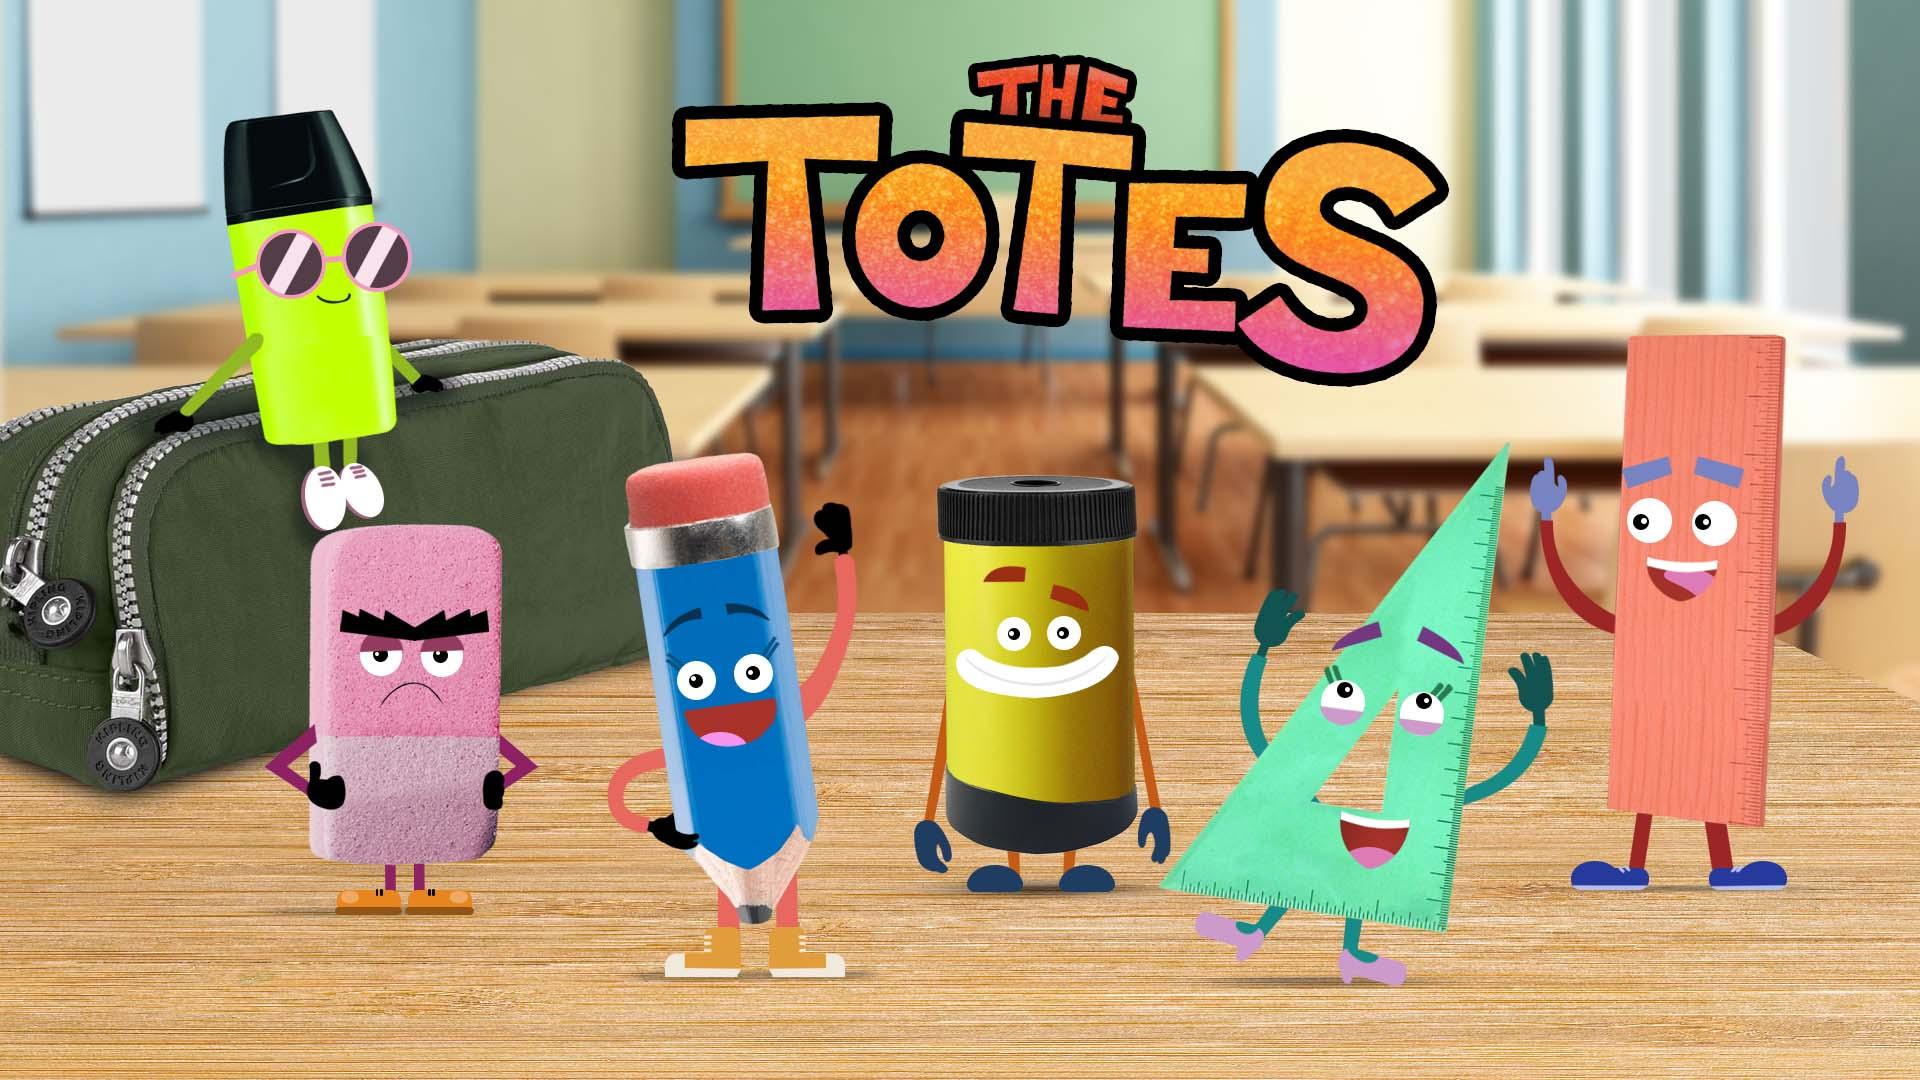 Totes_Group_Concept_Art_Logo